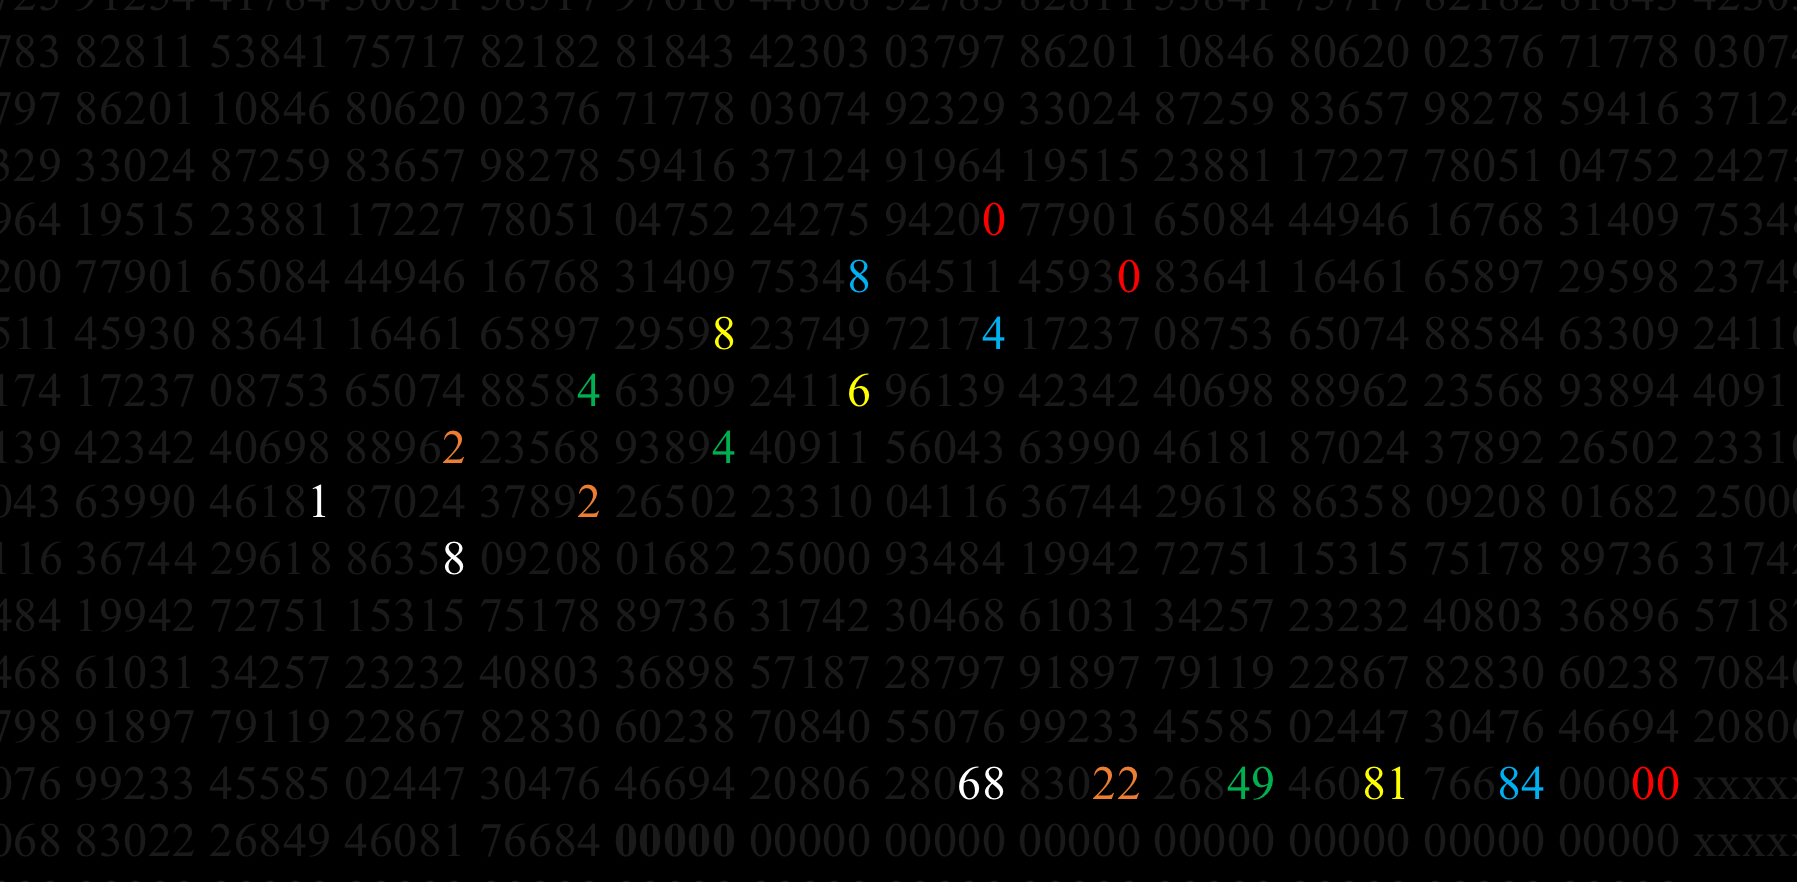 23861C78-267B-42CE-86FC-C64275AFDD44.jpeg